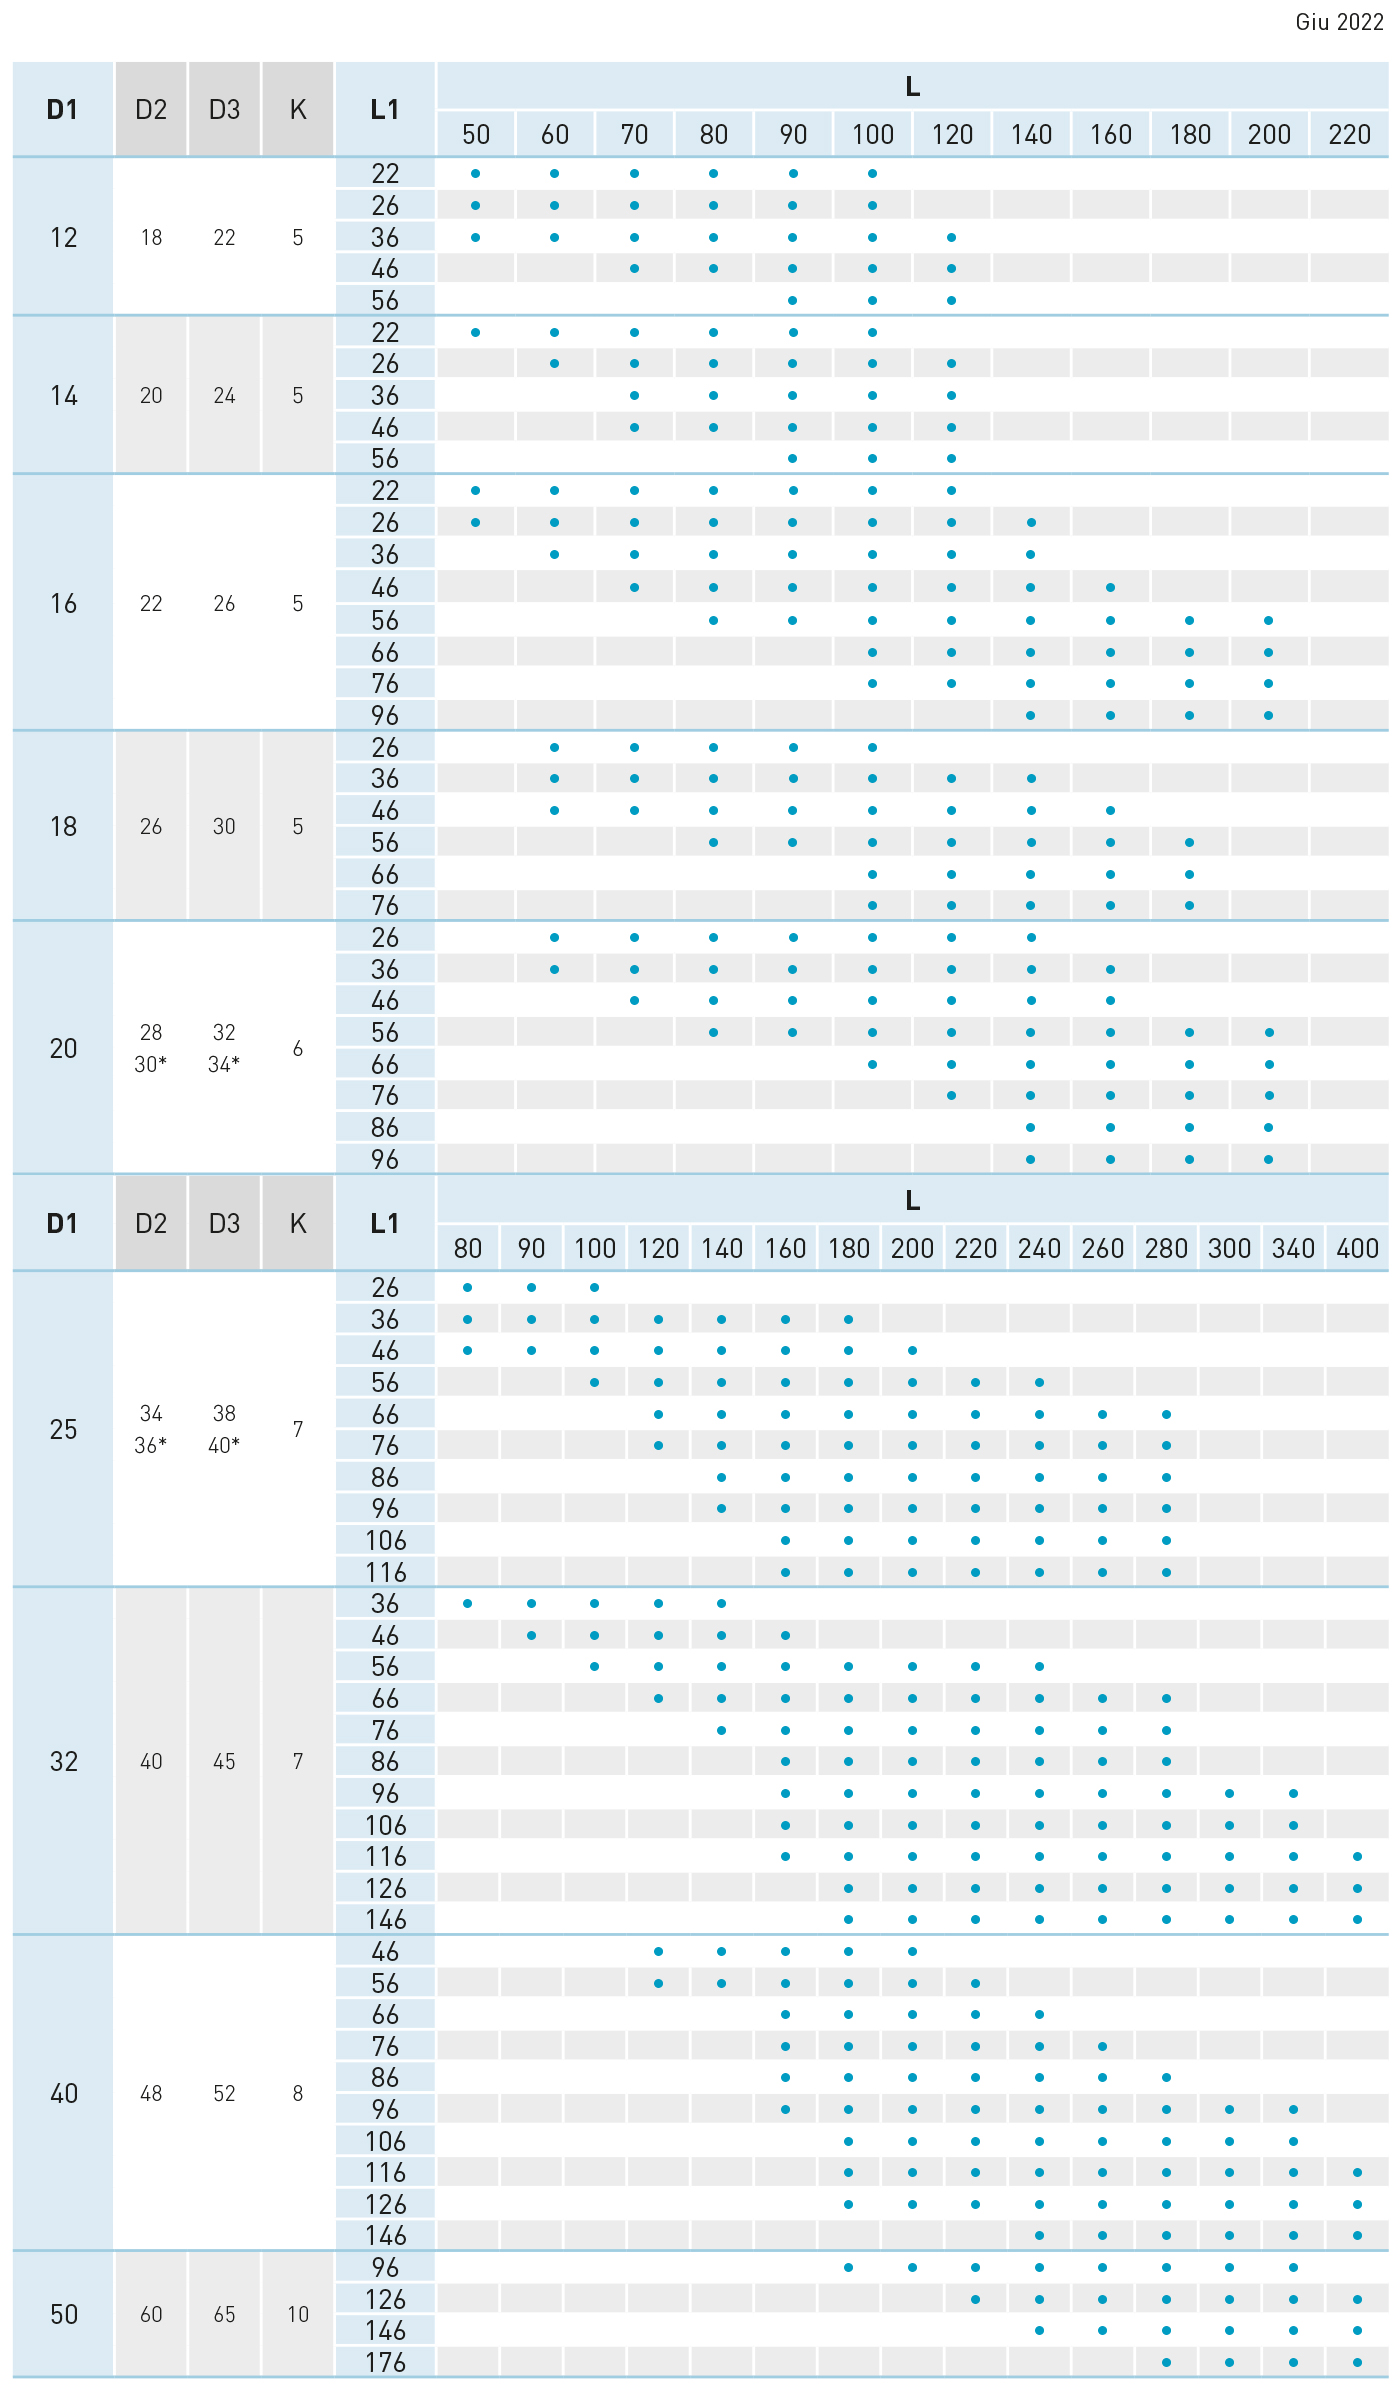 tabella colonna guida due diametri EC1